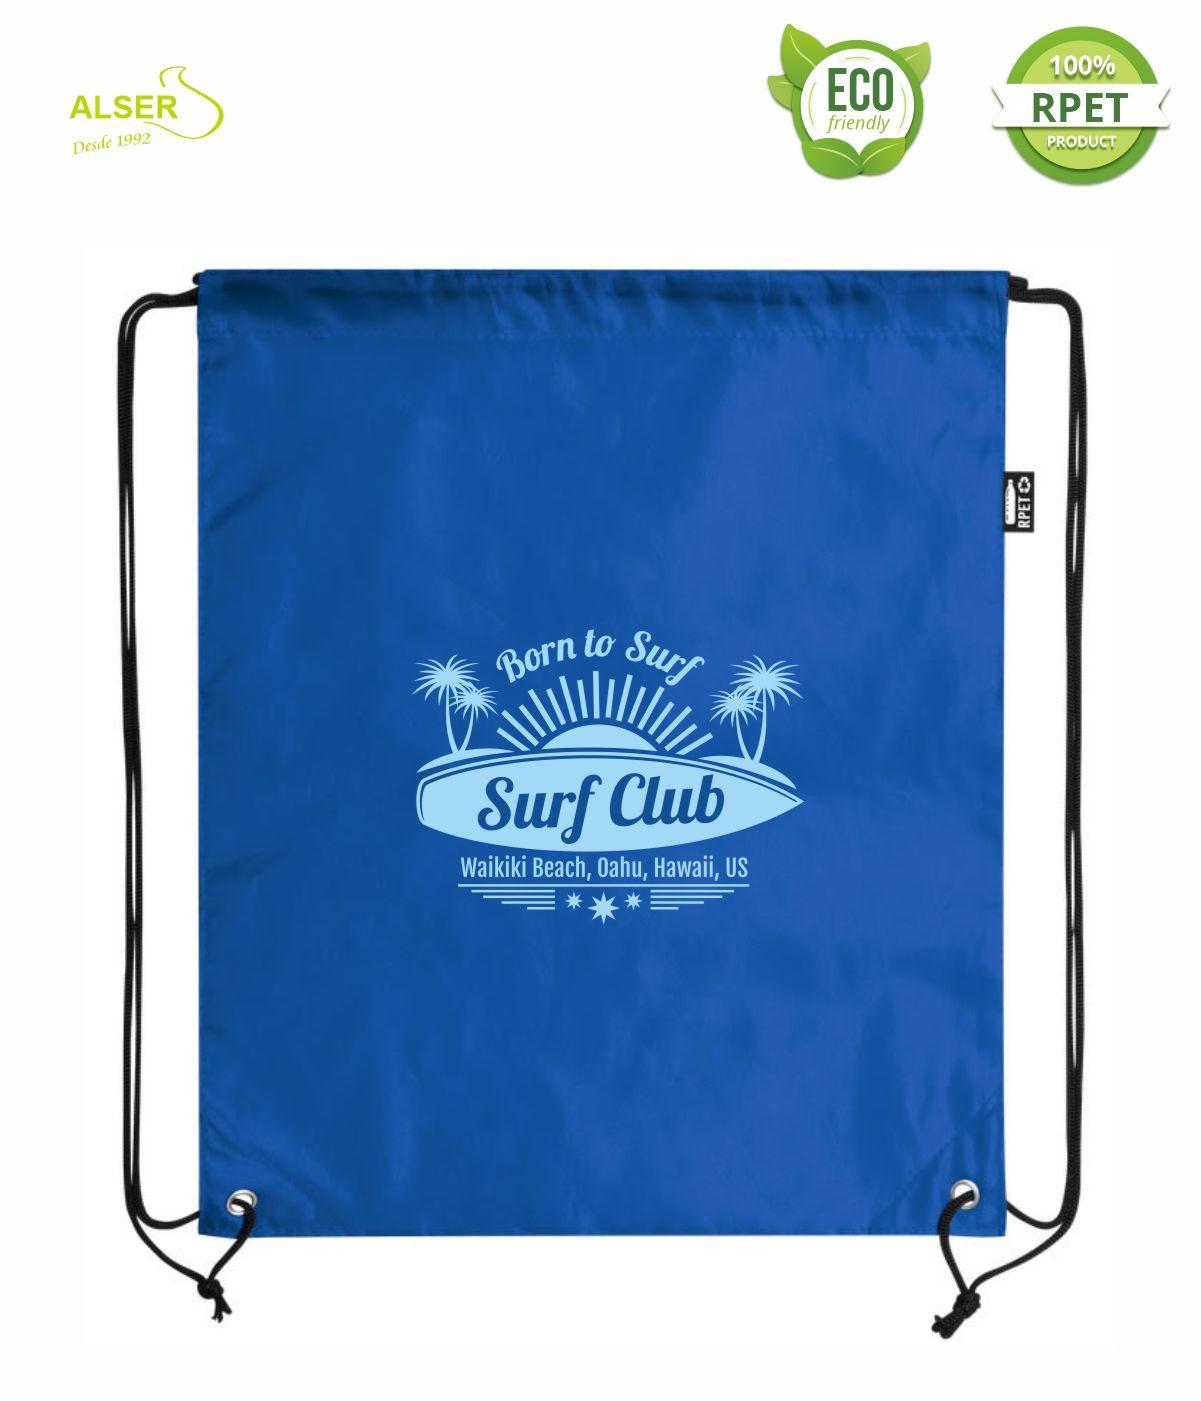 mochila saco rpet para publicidad azul